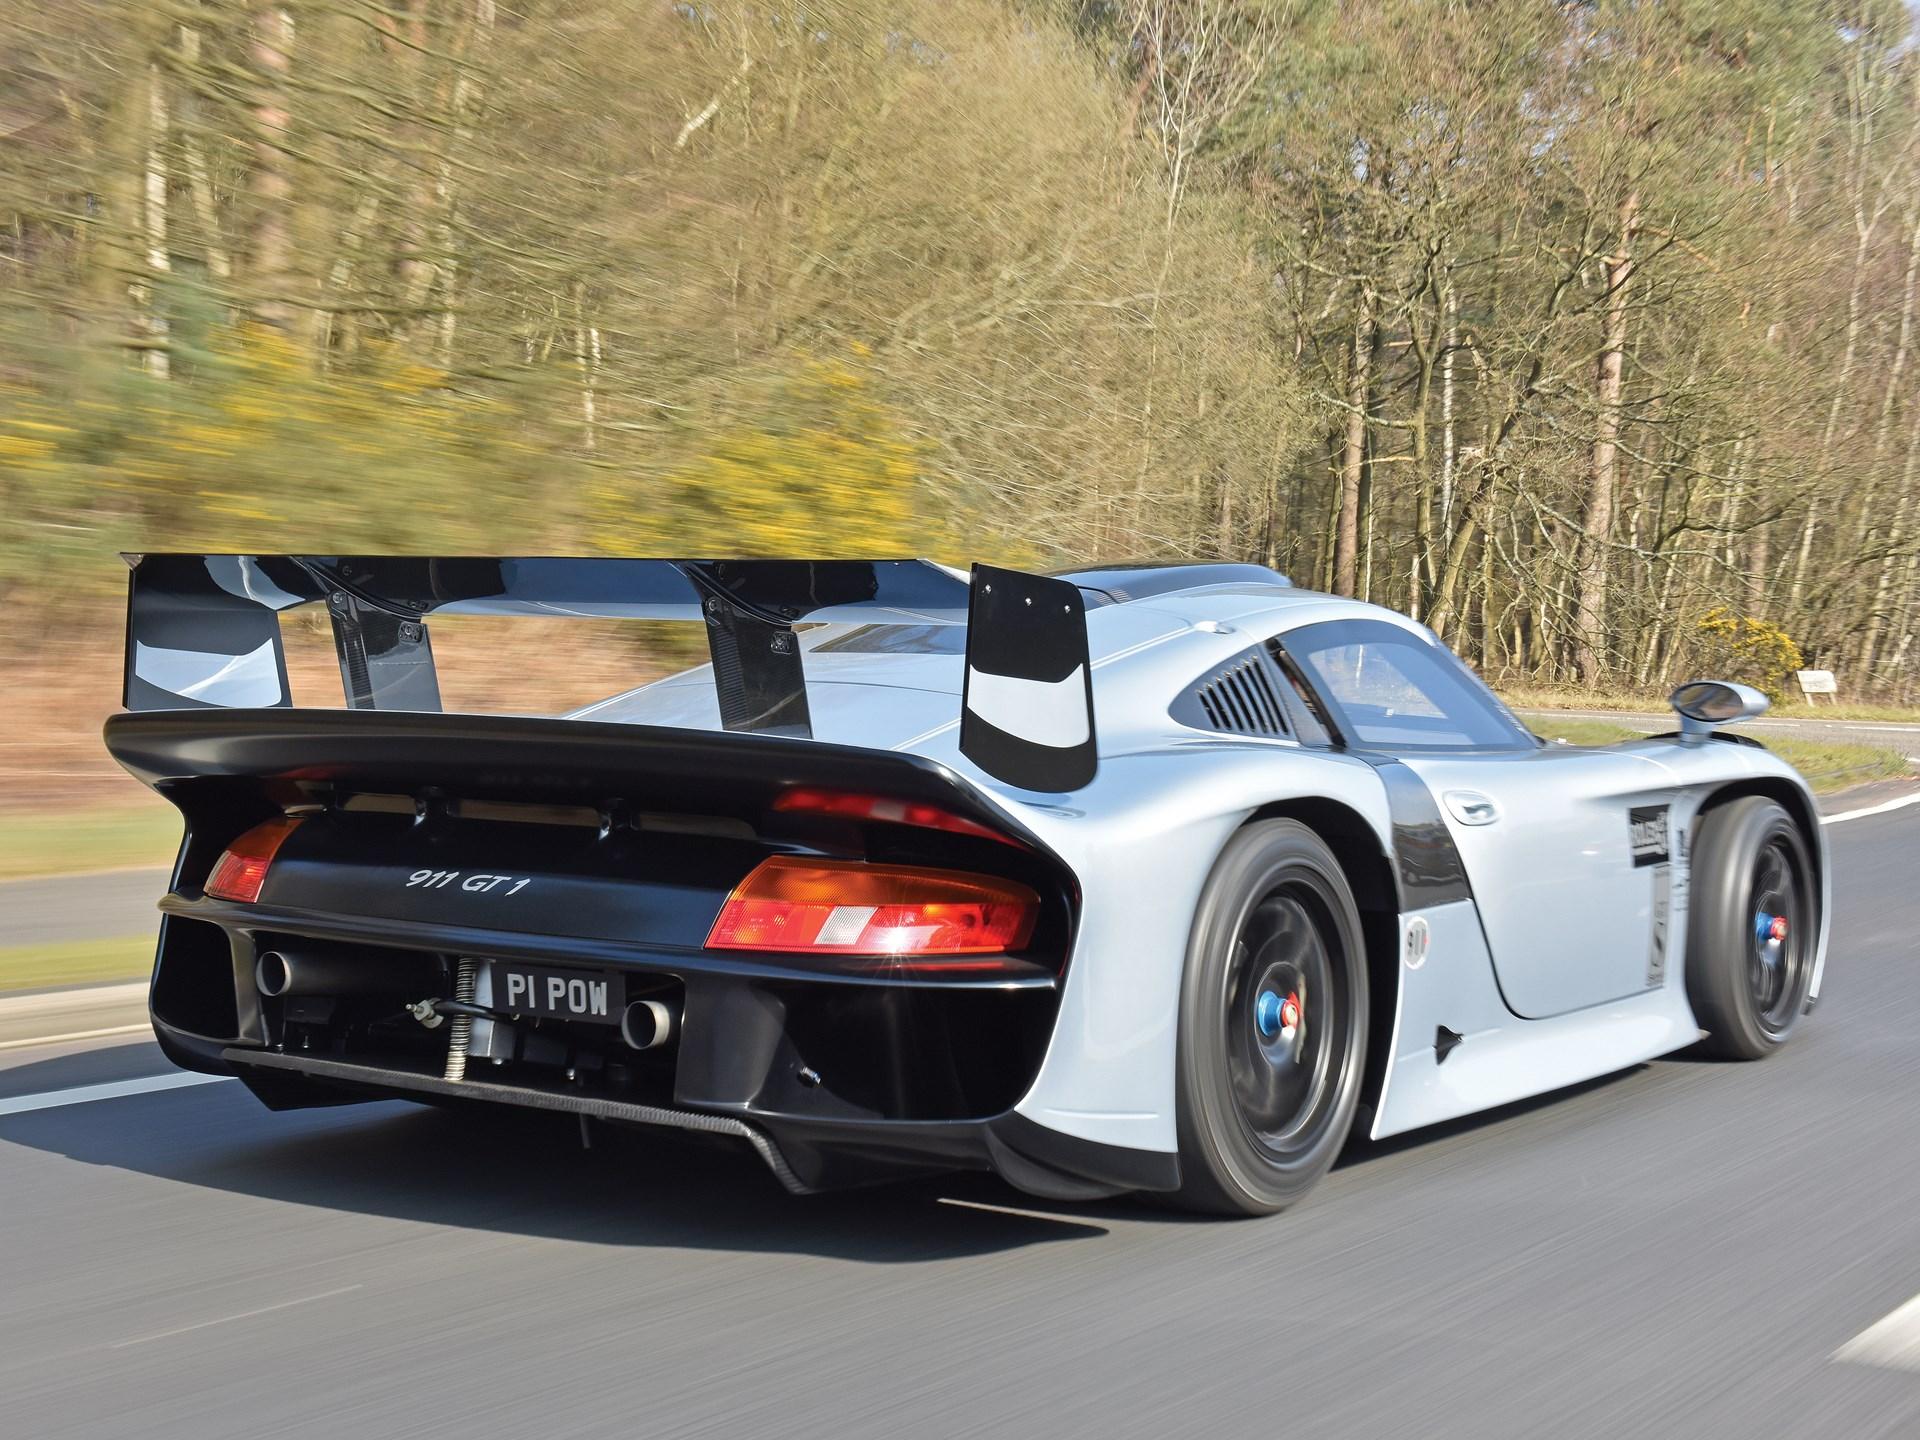 RM Sotheby's - 1997 Porsche 911 GT1 Evolution | Monaco 2016